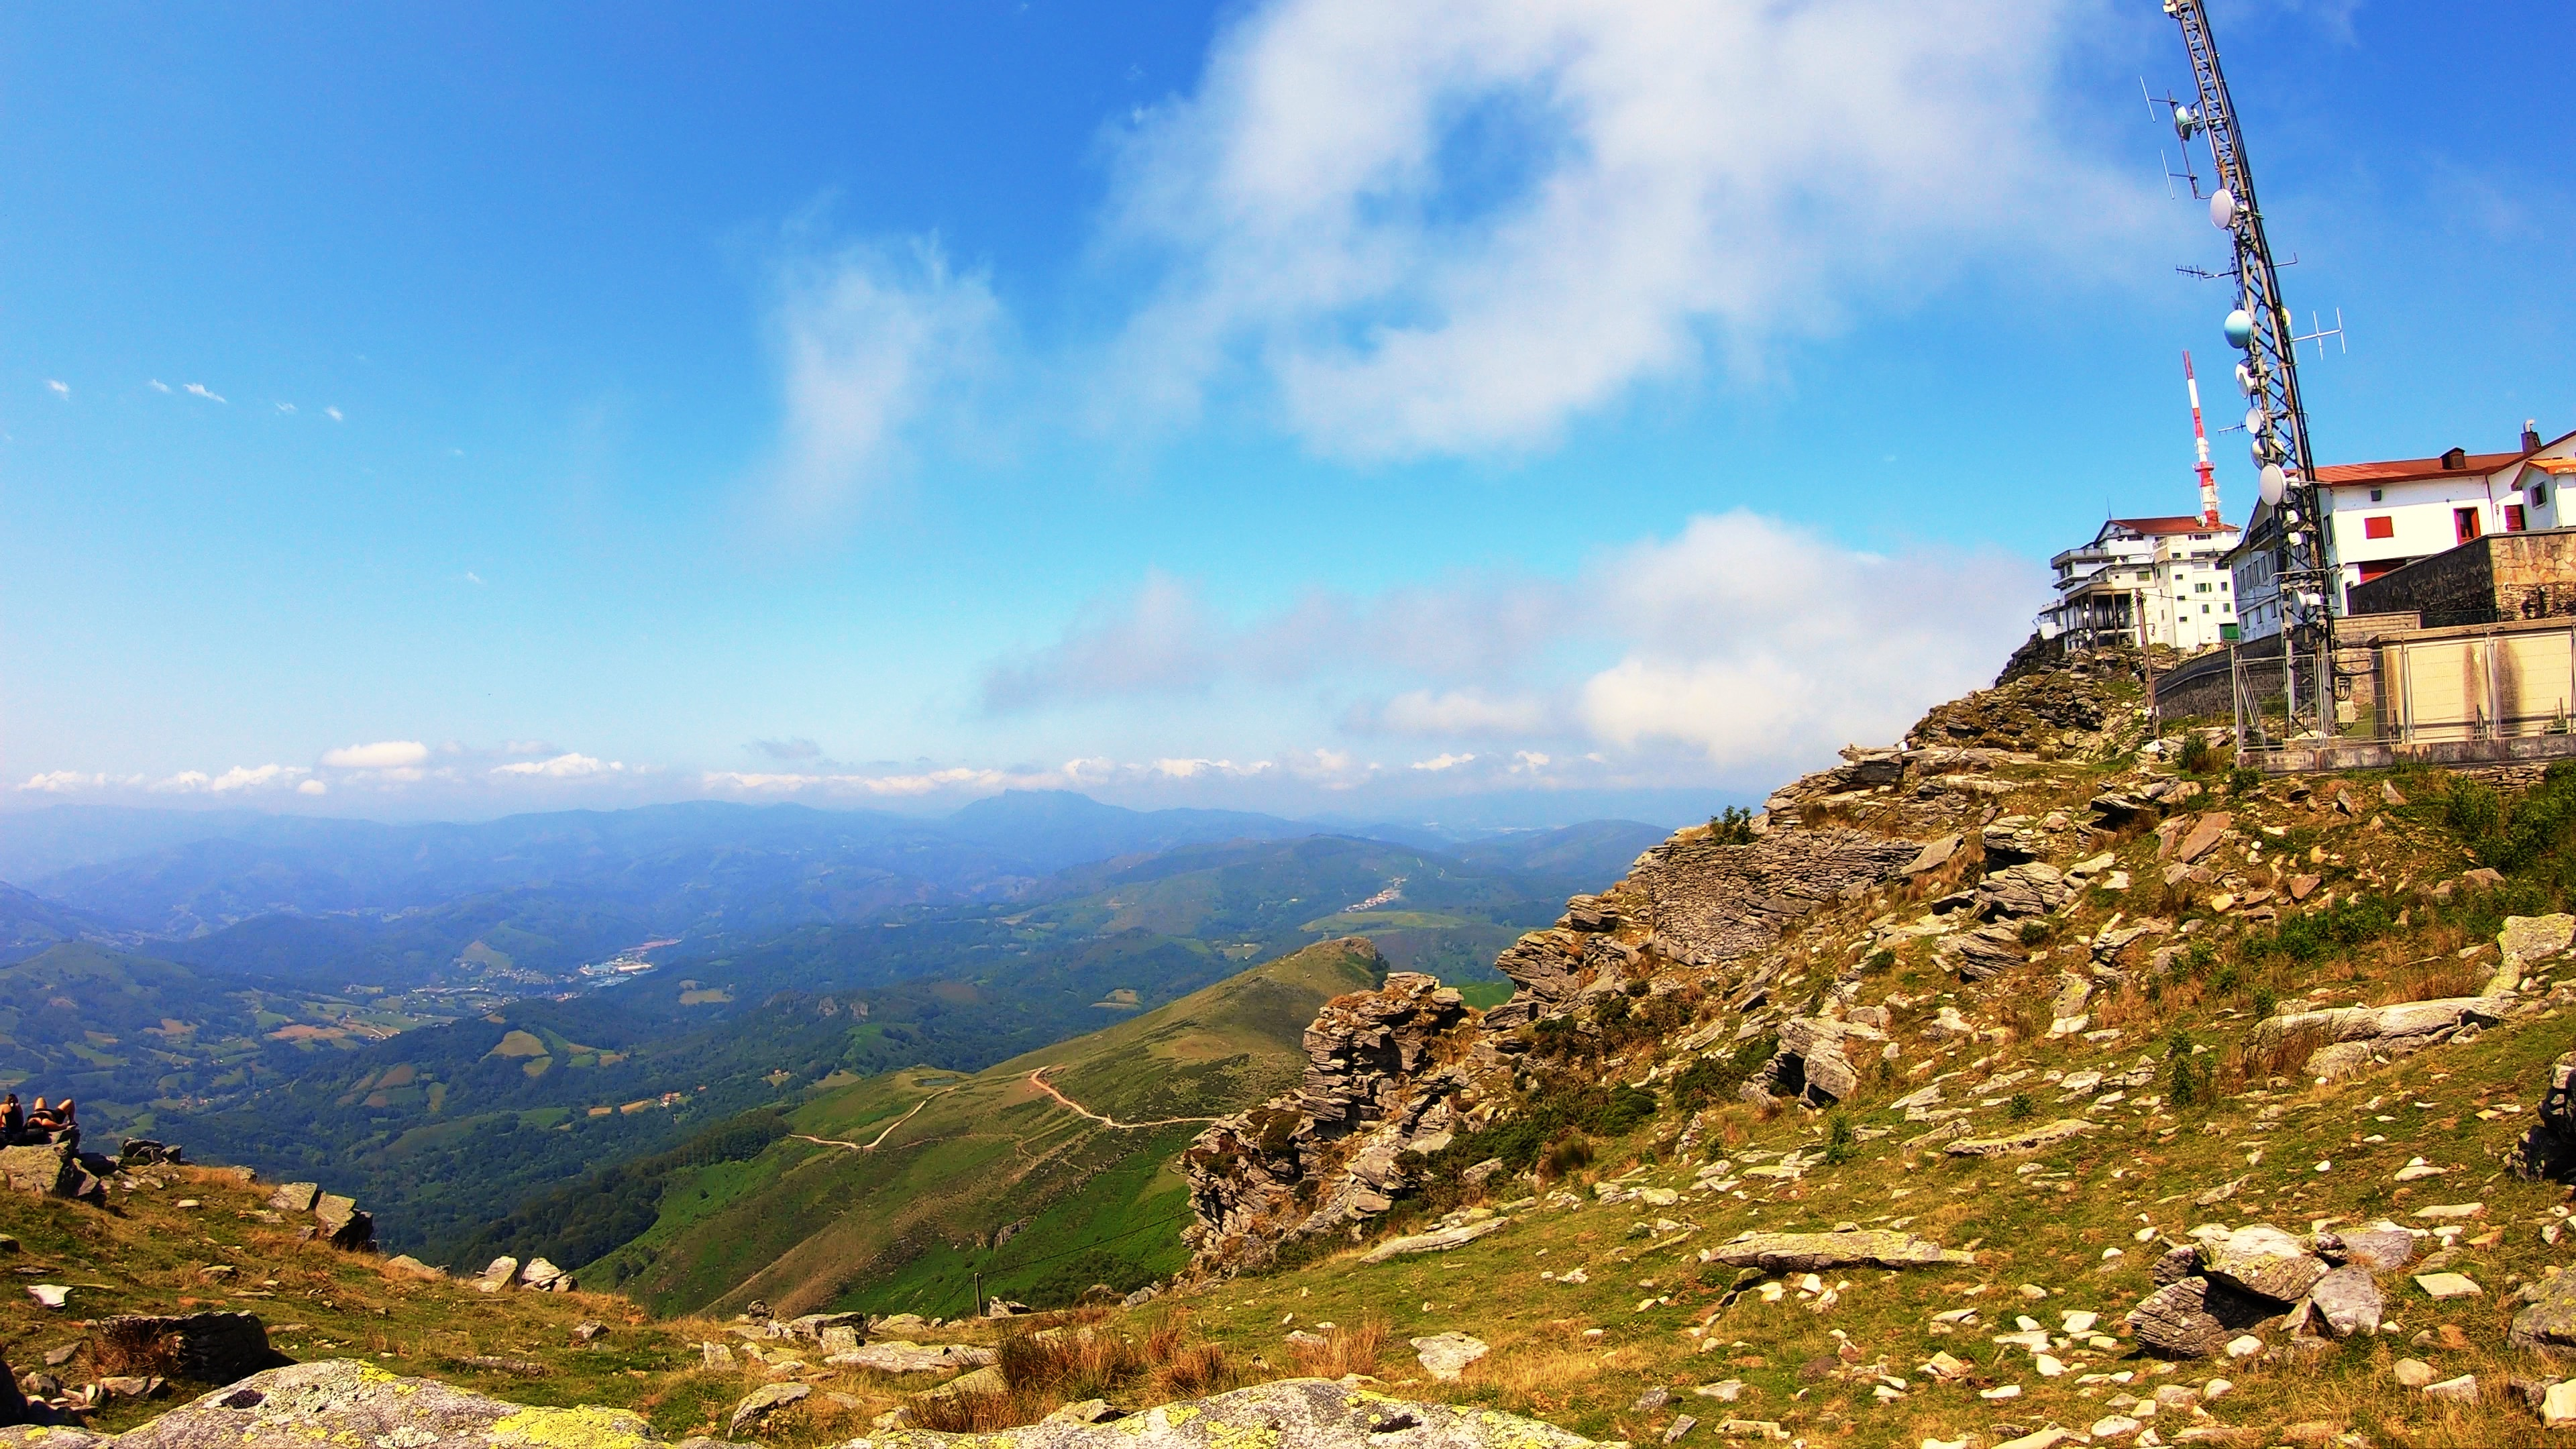 La Rhune - Pique nique au sommet